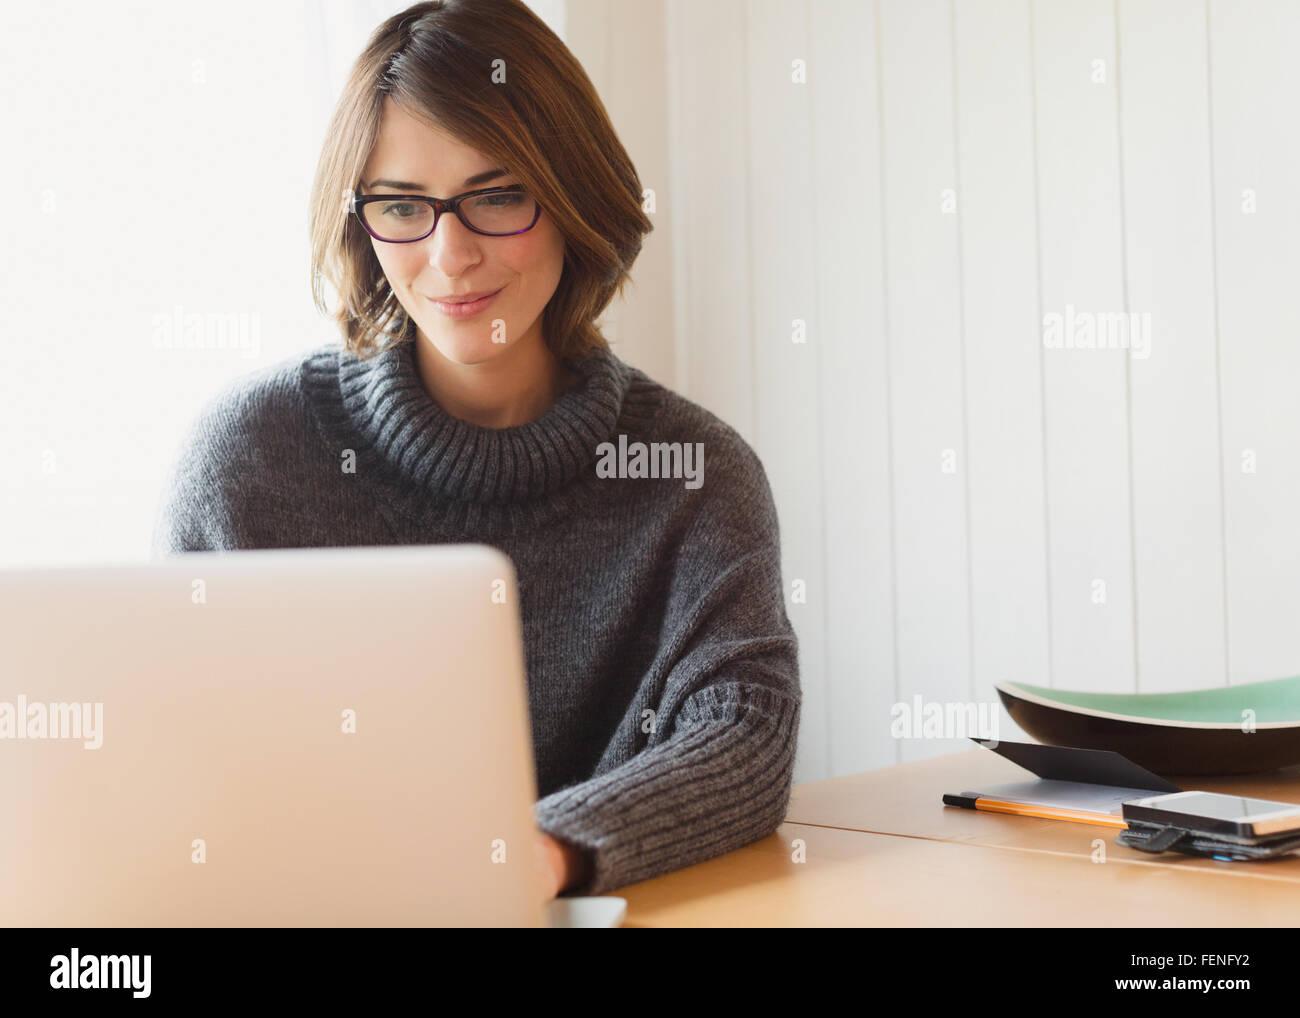 Brünette Frau in Pullover mit Laptop am Tisch Stockbild